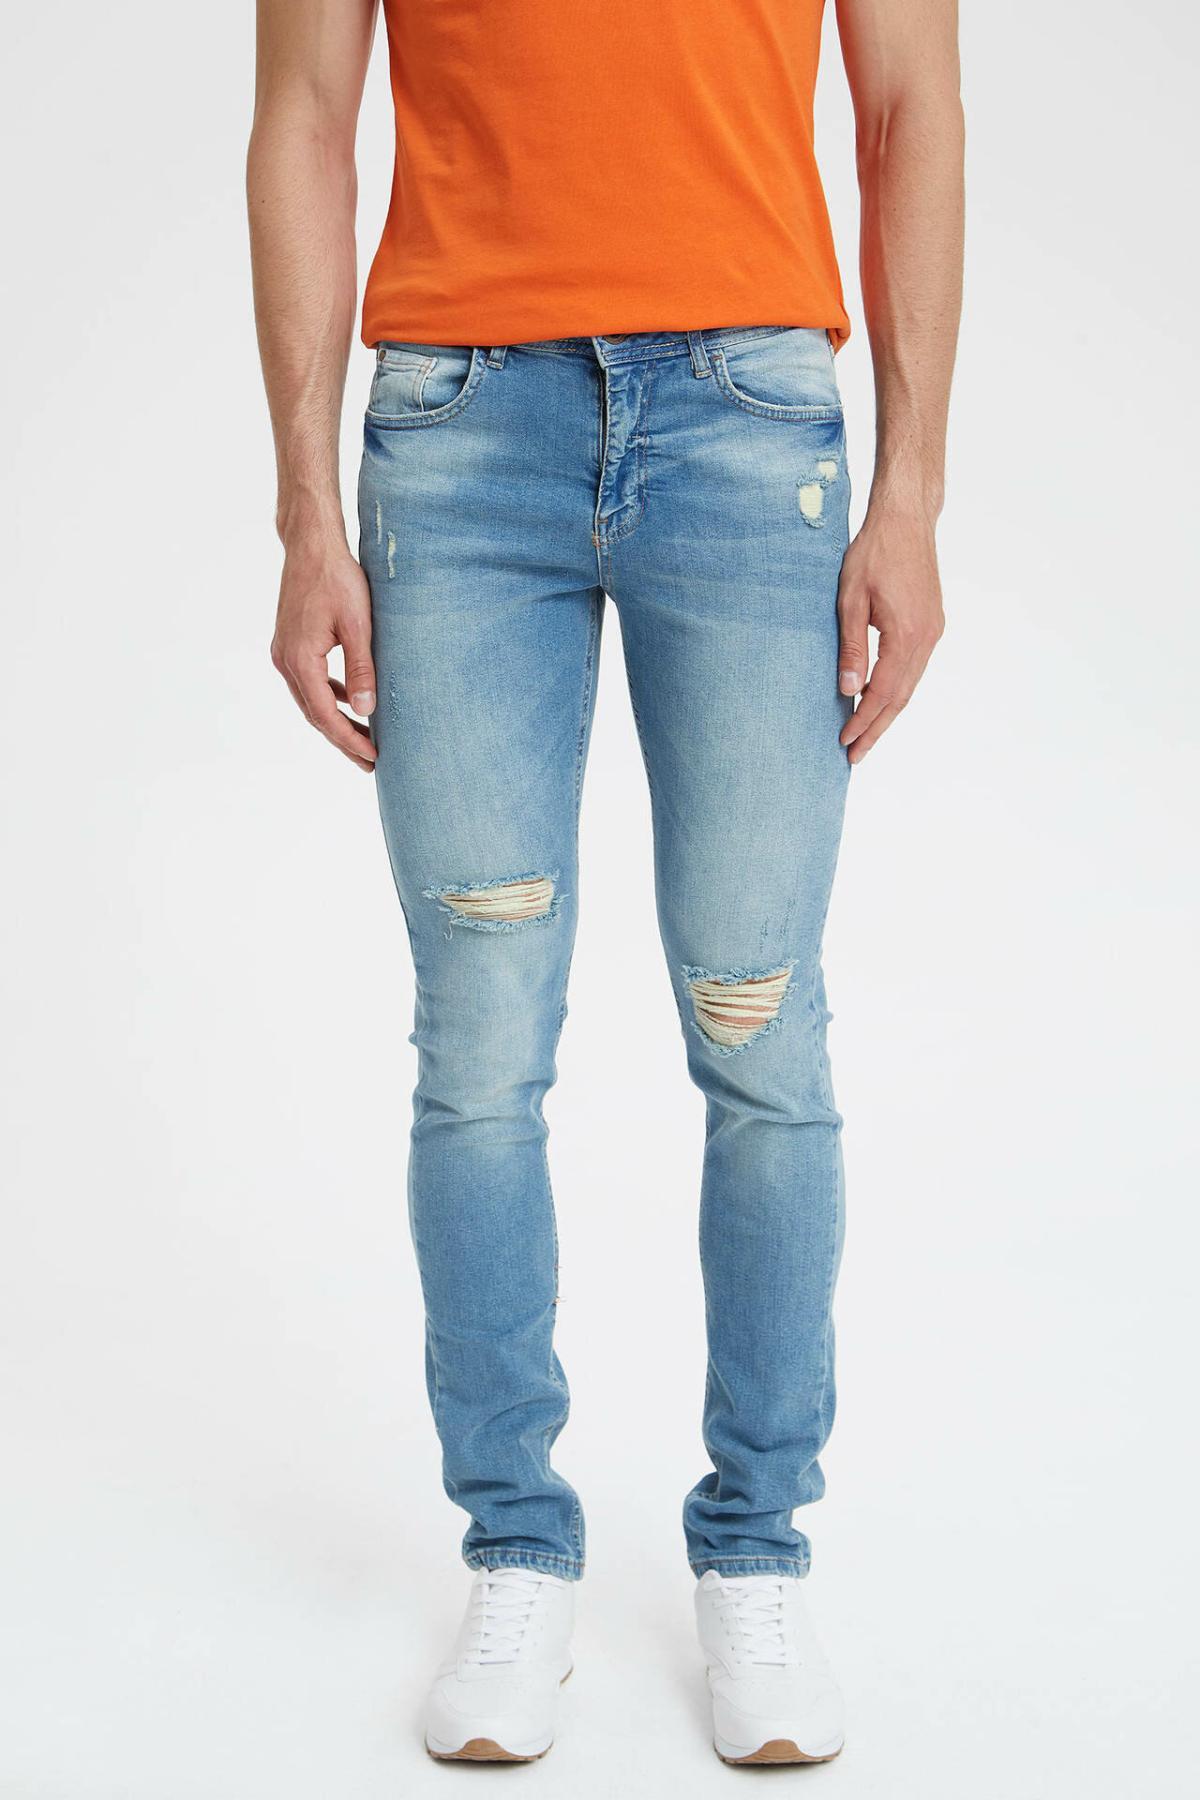 DeFacto Man Trousers-K8891AZ19SM